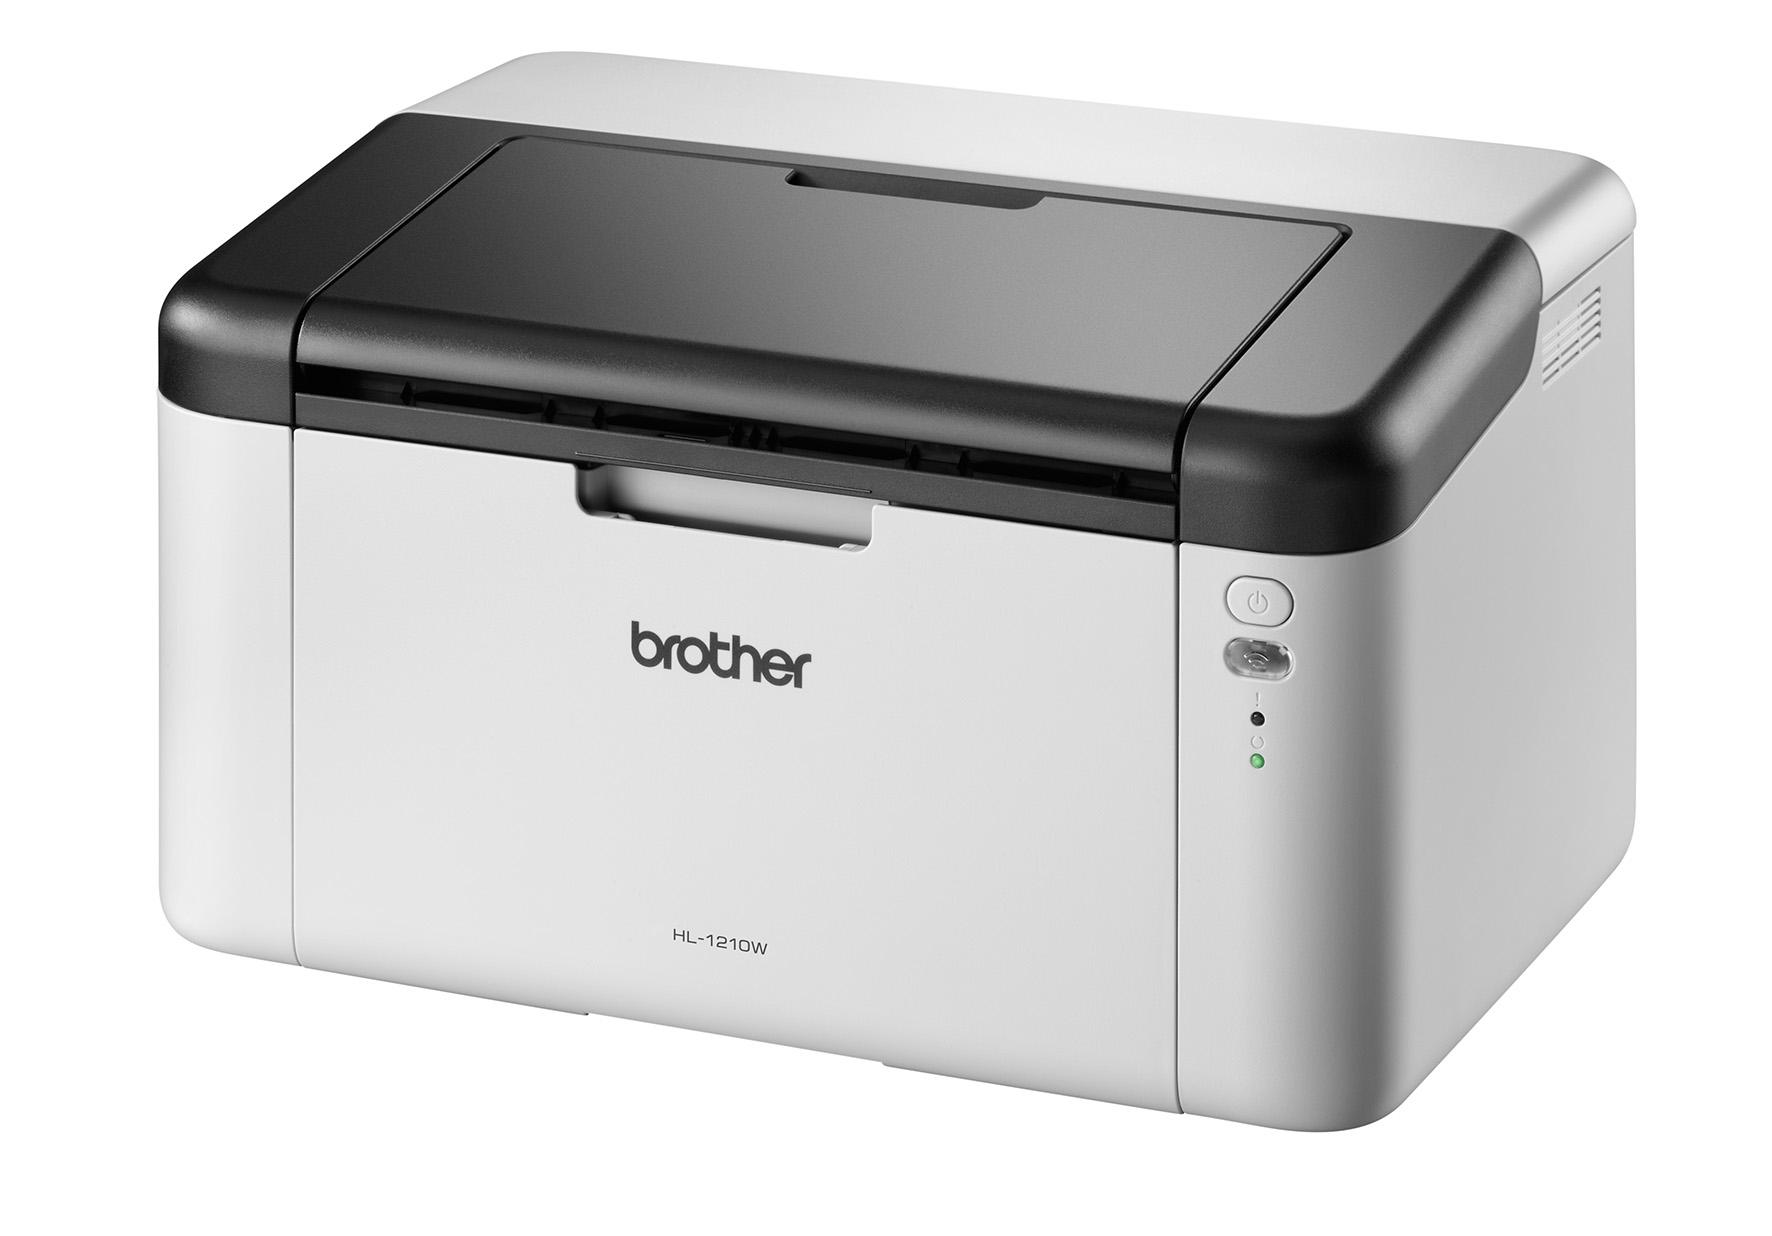 BROTHER LASER PRINTER HL-1210W